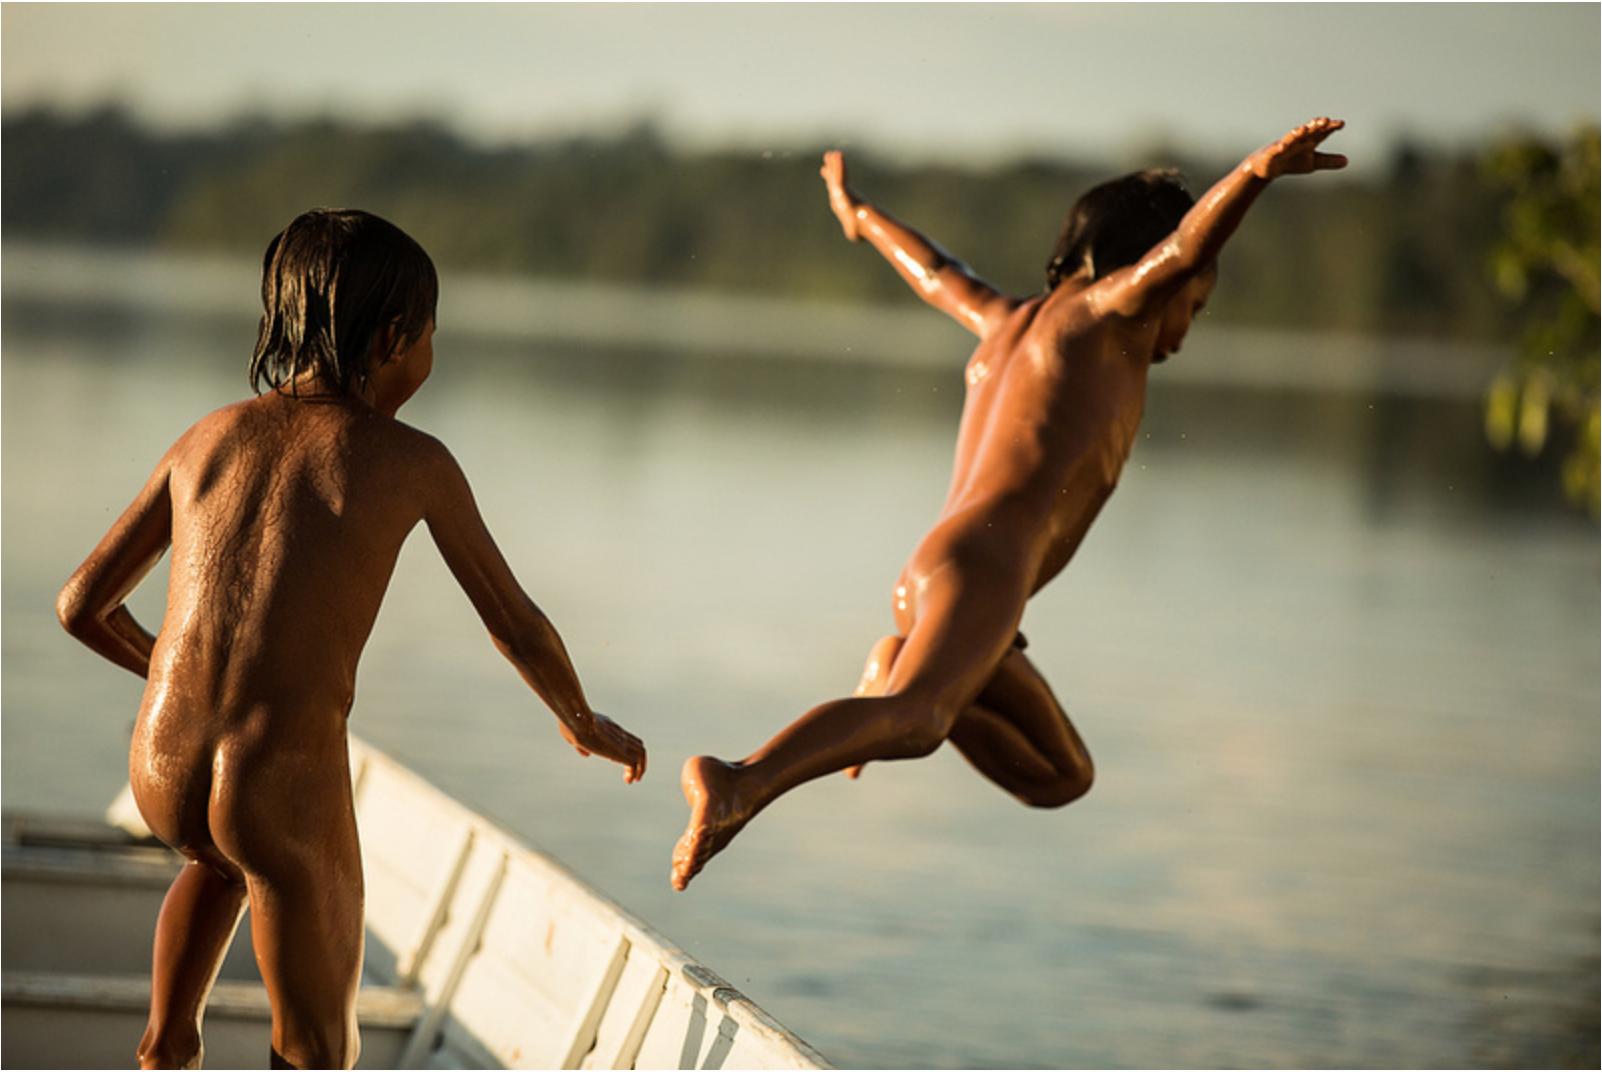 Irmãos da etnia indígenas Apiaká brincam no rio Juruena, próximo à região de São Simão. A cachoeira, considerada local sagrado para os Apiakás, consta como potencial hidrelétrico e pode ser desafetada para a construção de um empreendimento energético. Pesquisadores e antropólogos temem que a história de Sete Quedas, no Teles Pires, possa se repetir no Juruena (Foto: Thiago Foresti/Forest Comunicação).